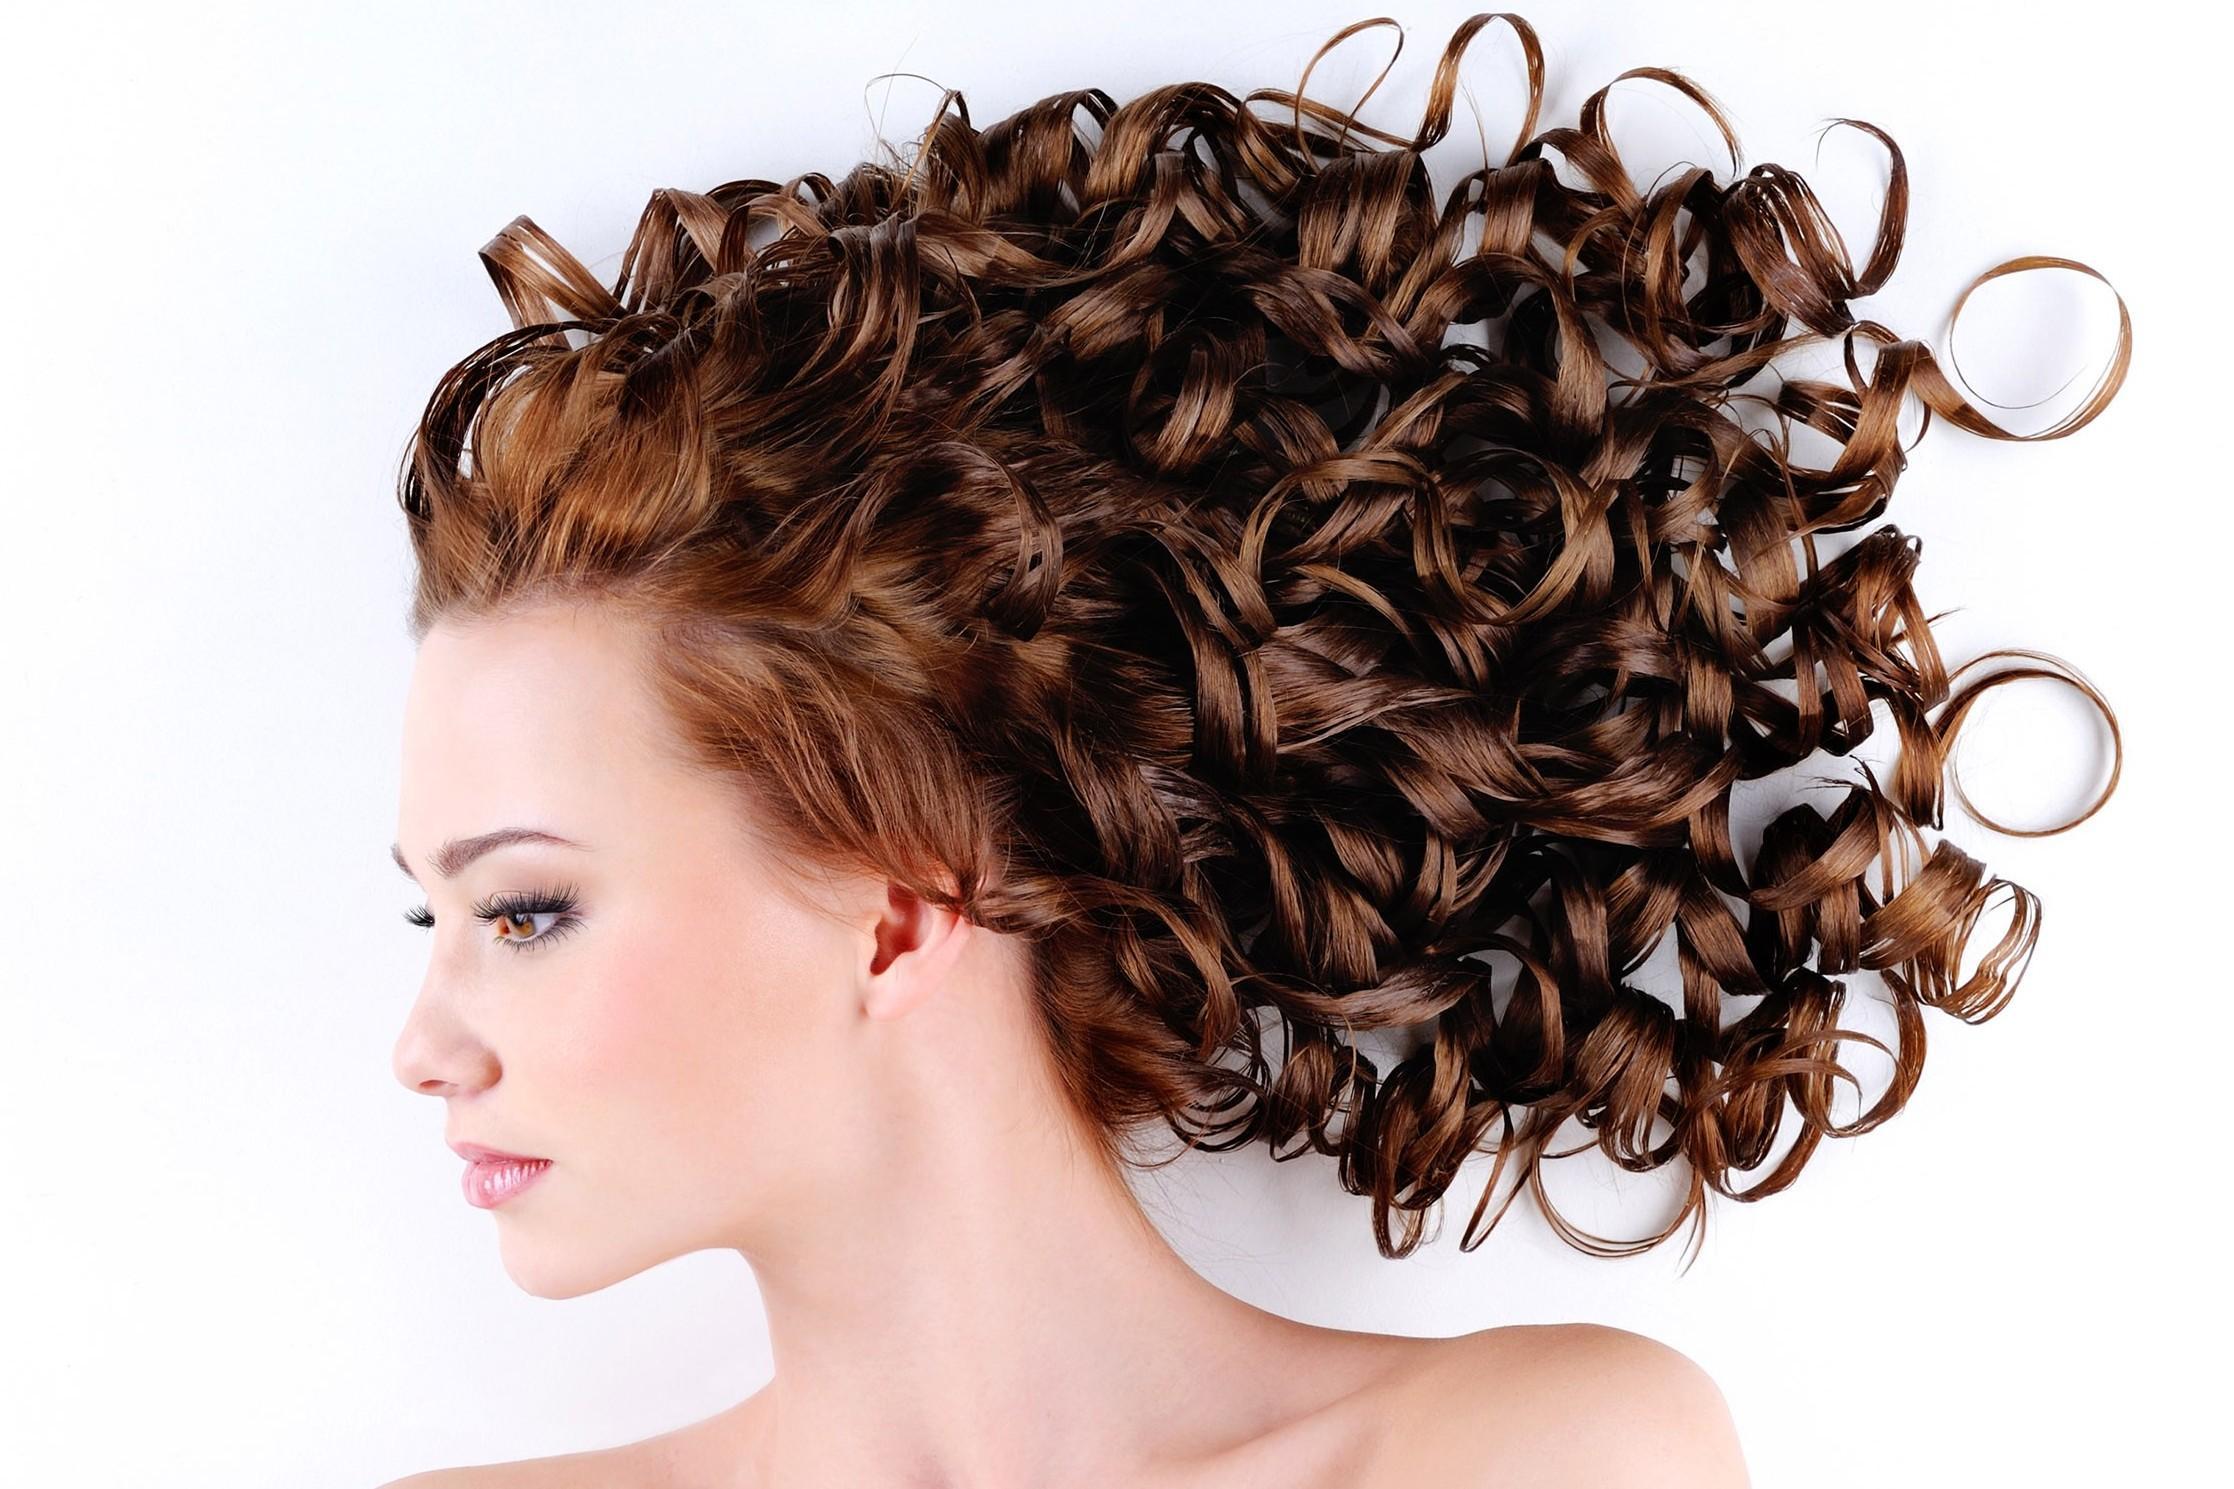 Come fare i ricci ai capelli: tutti i modi più insoliti